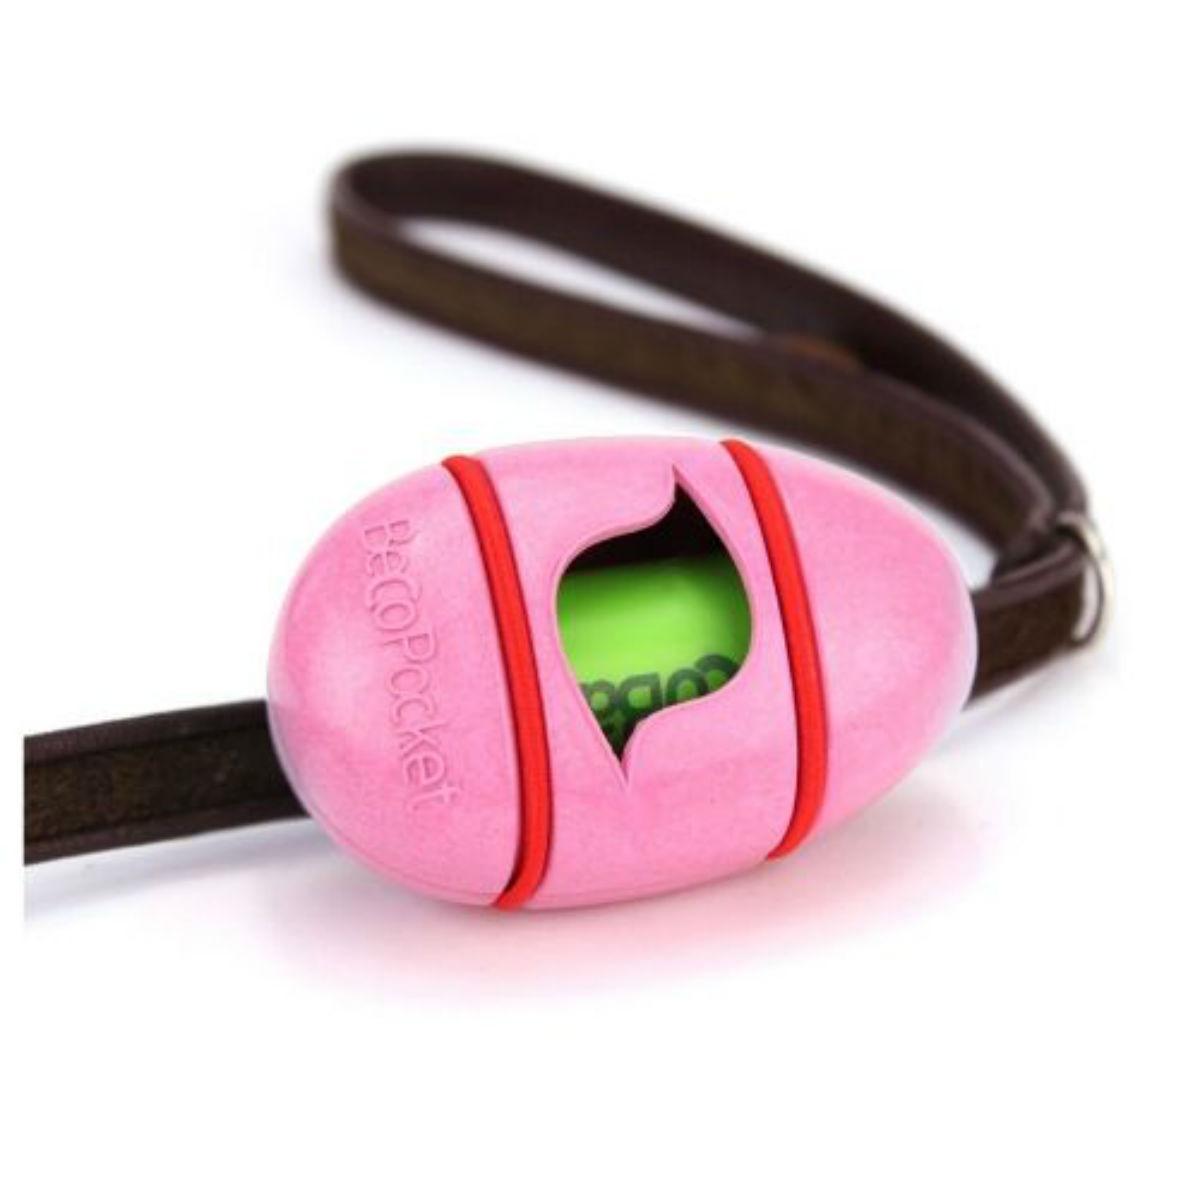 BECO Degradable Pocket Dog Poop Bag Dispenser - Pink